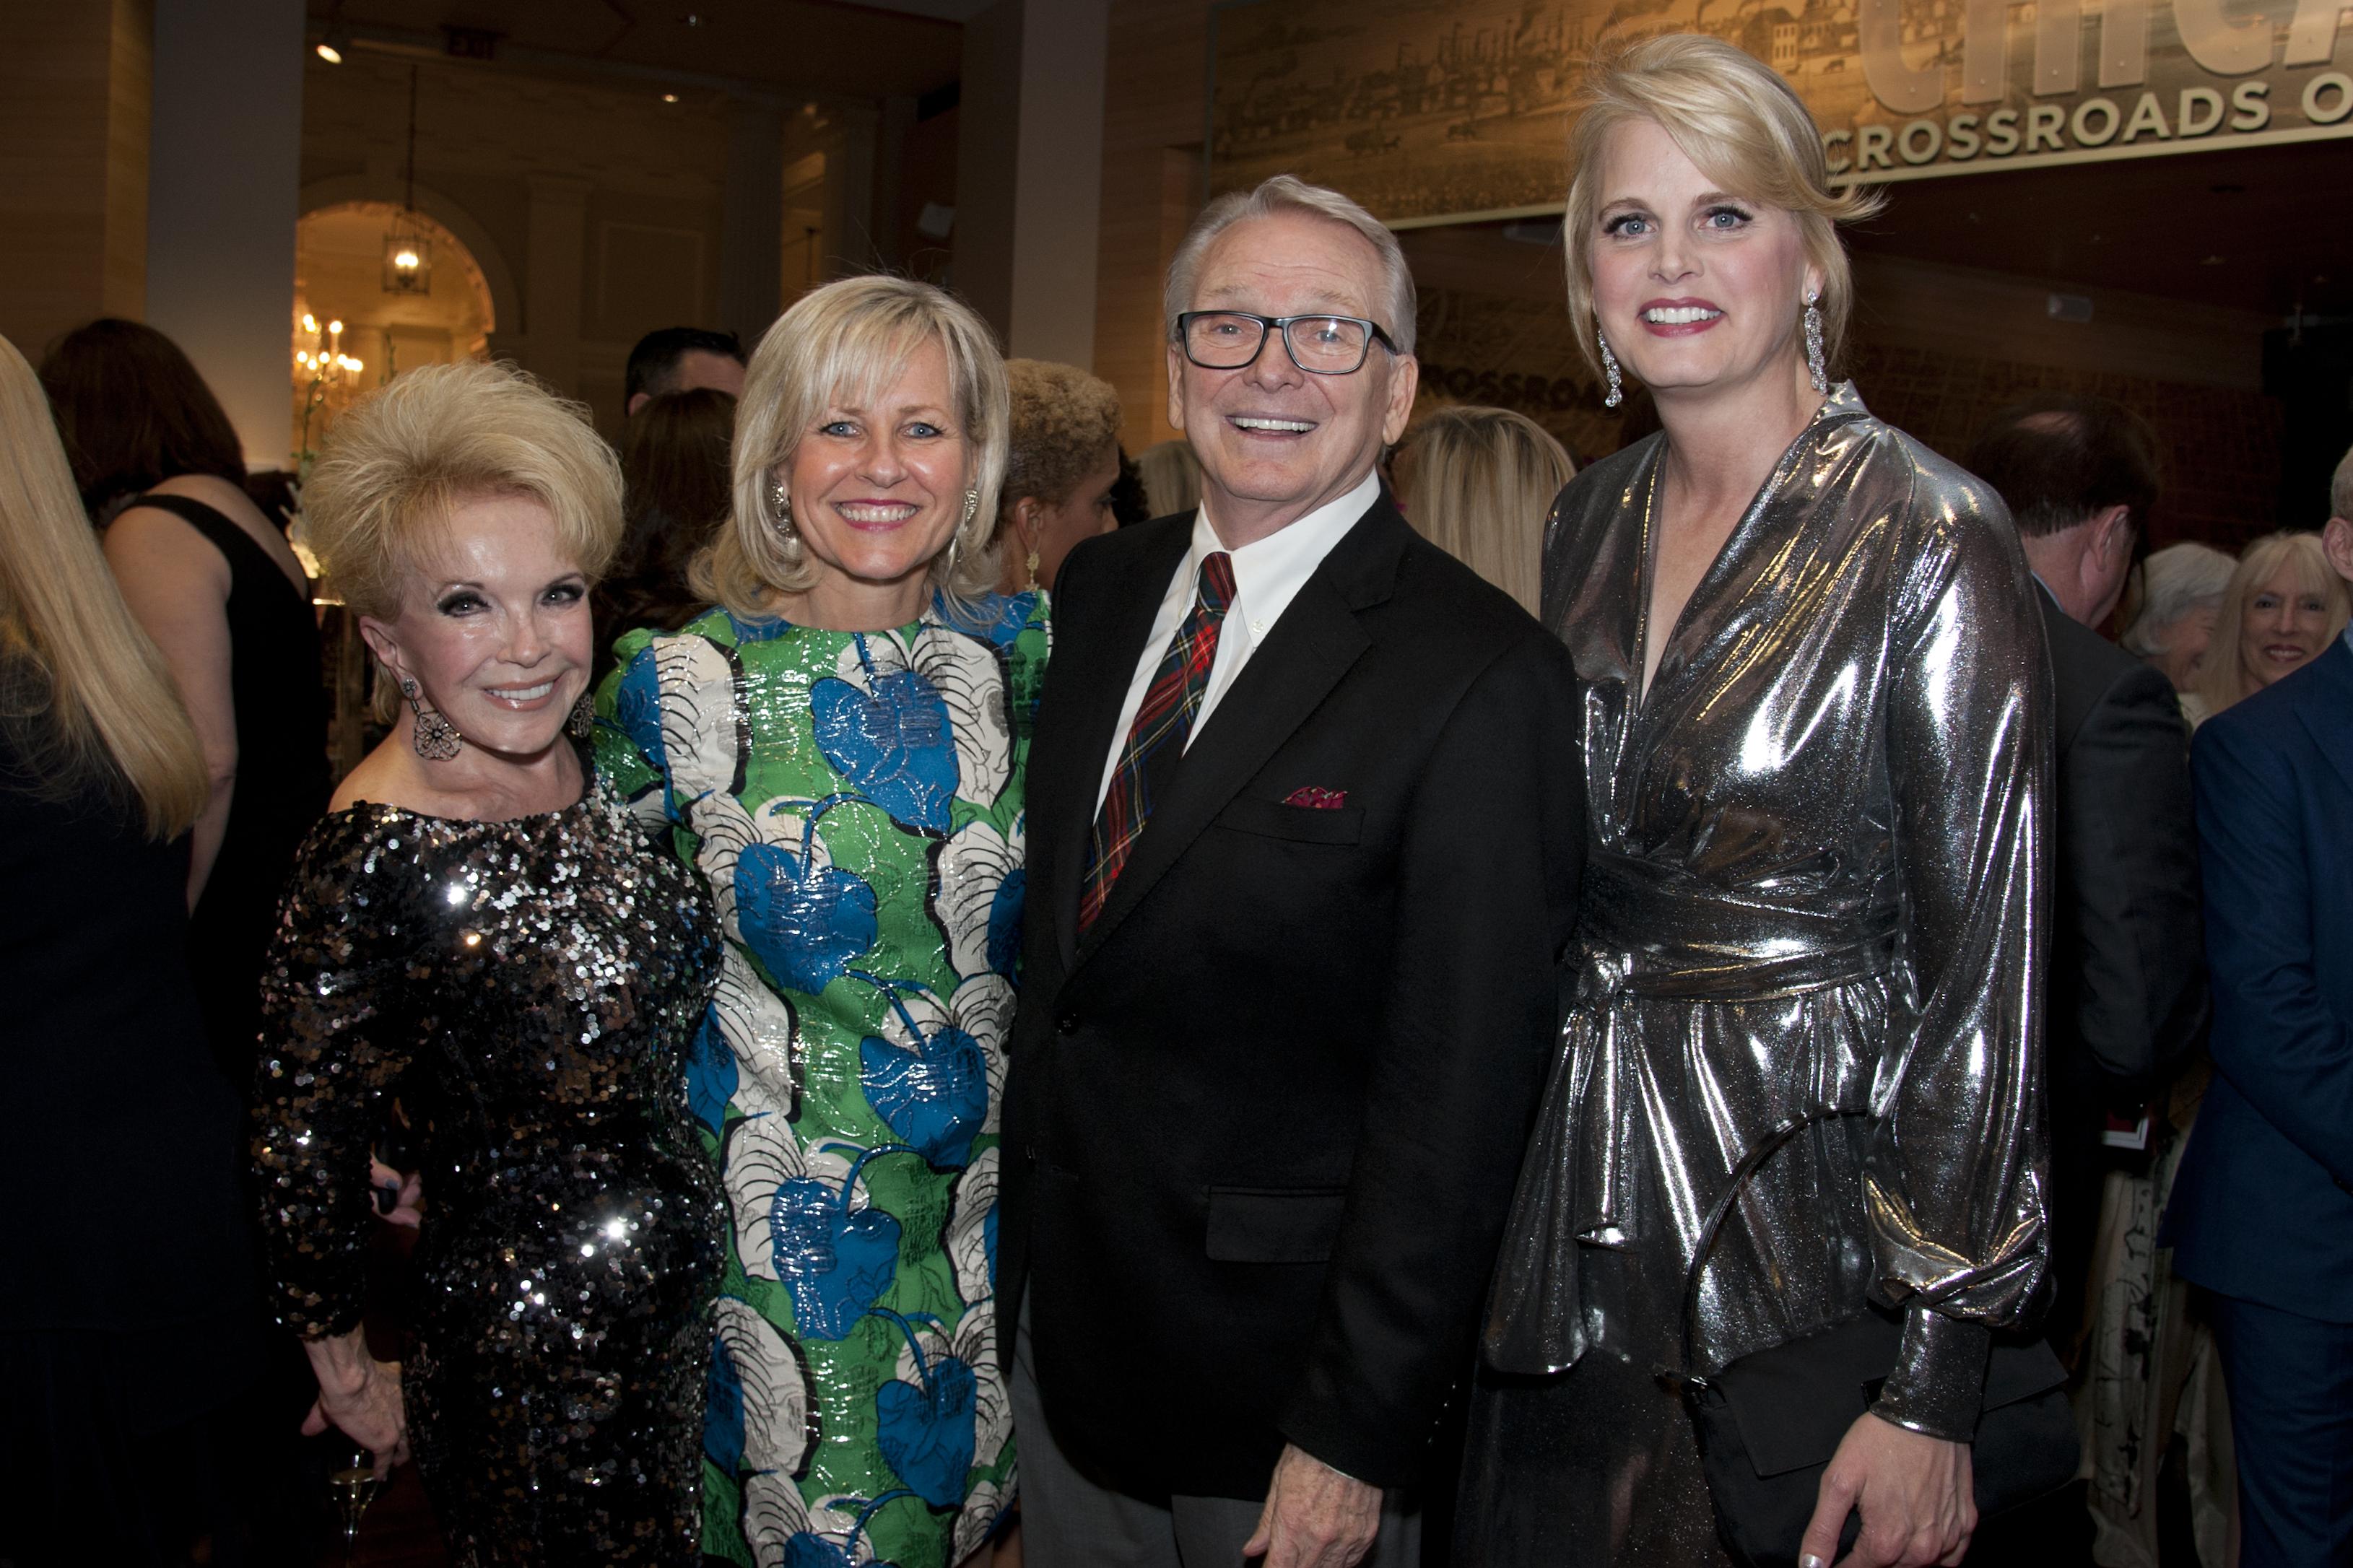 Sherrill Bodine, Annette Findling, Bob Mackie and Kristin Noelle Smith.